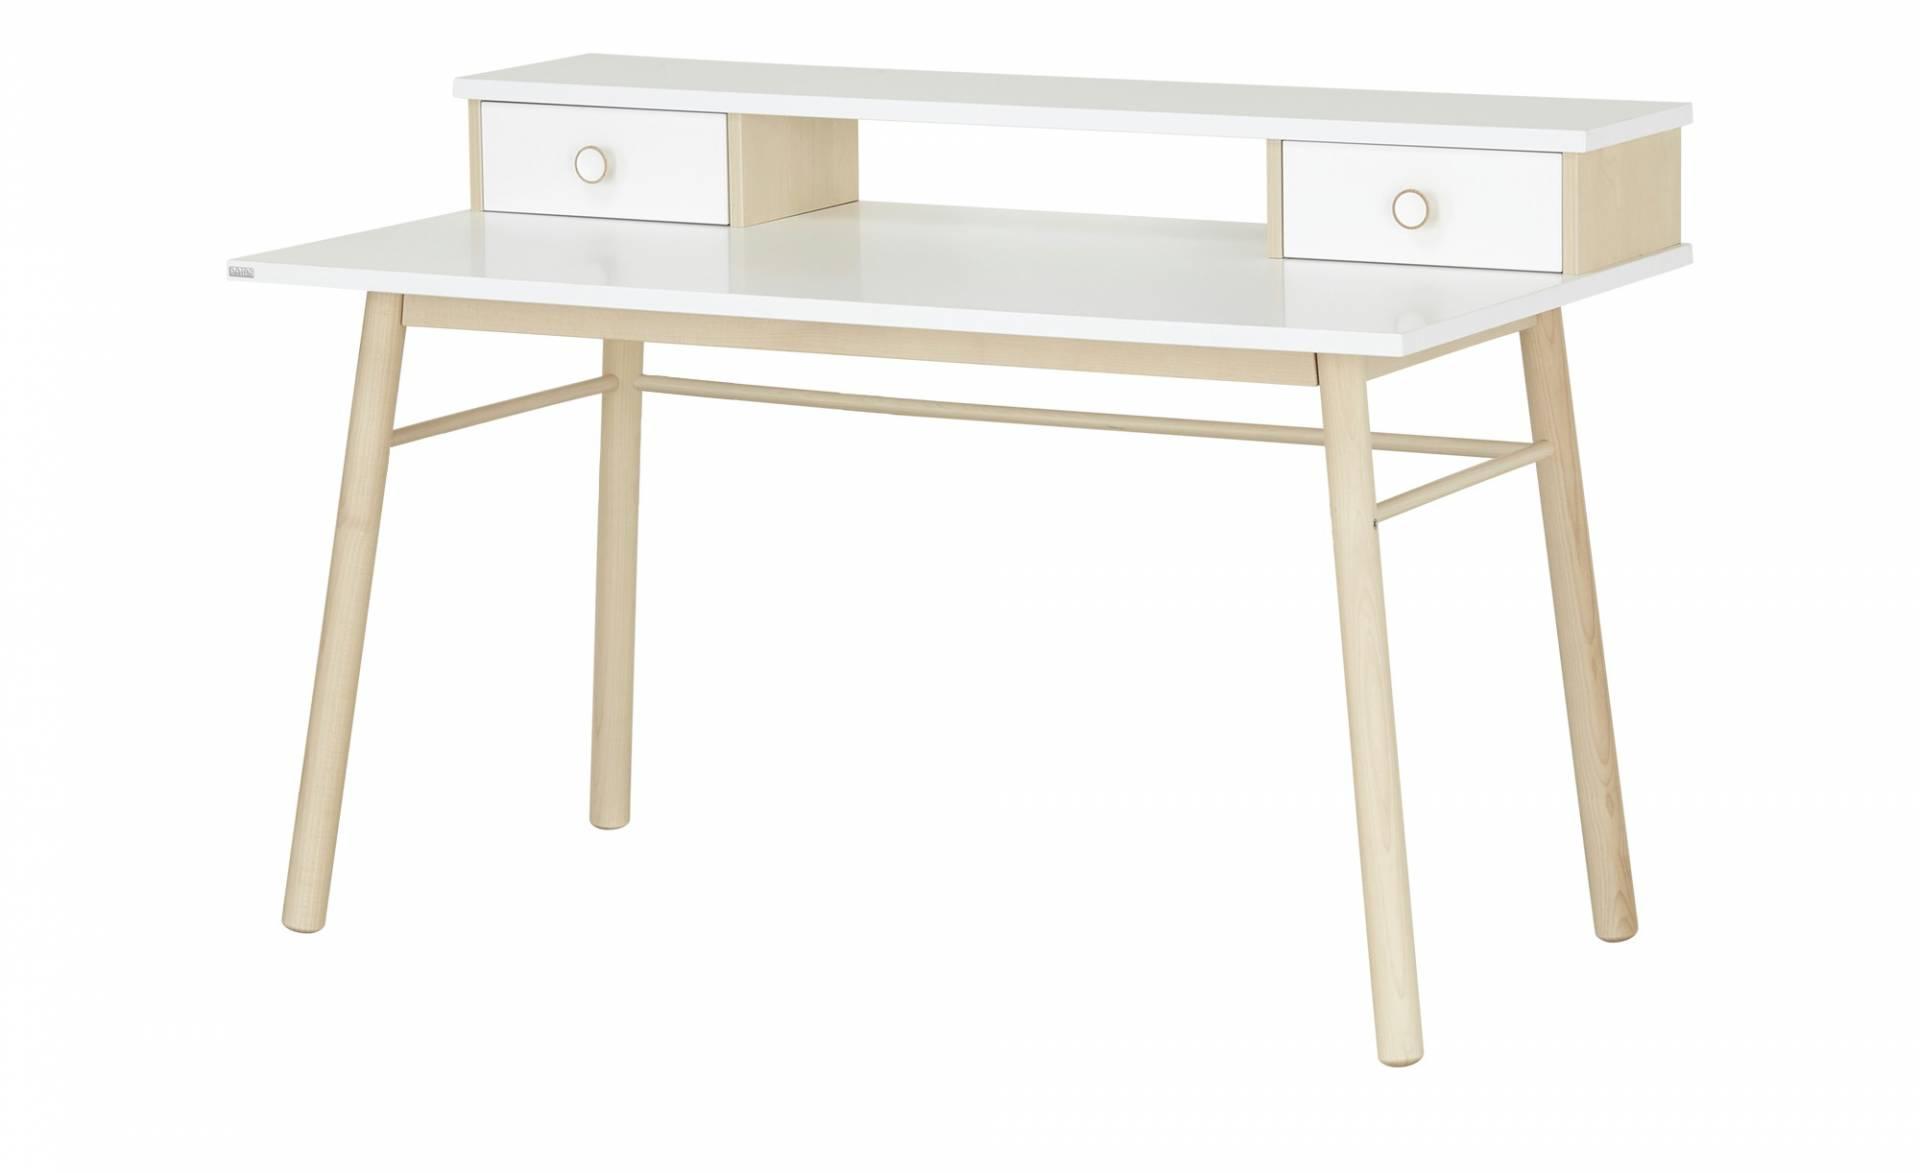 tische und weitere m bel bei m bel h ffner g nstig online kaufen bei m bel garten. Black Bedroom Furniture Sets. Home Design Ideas